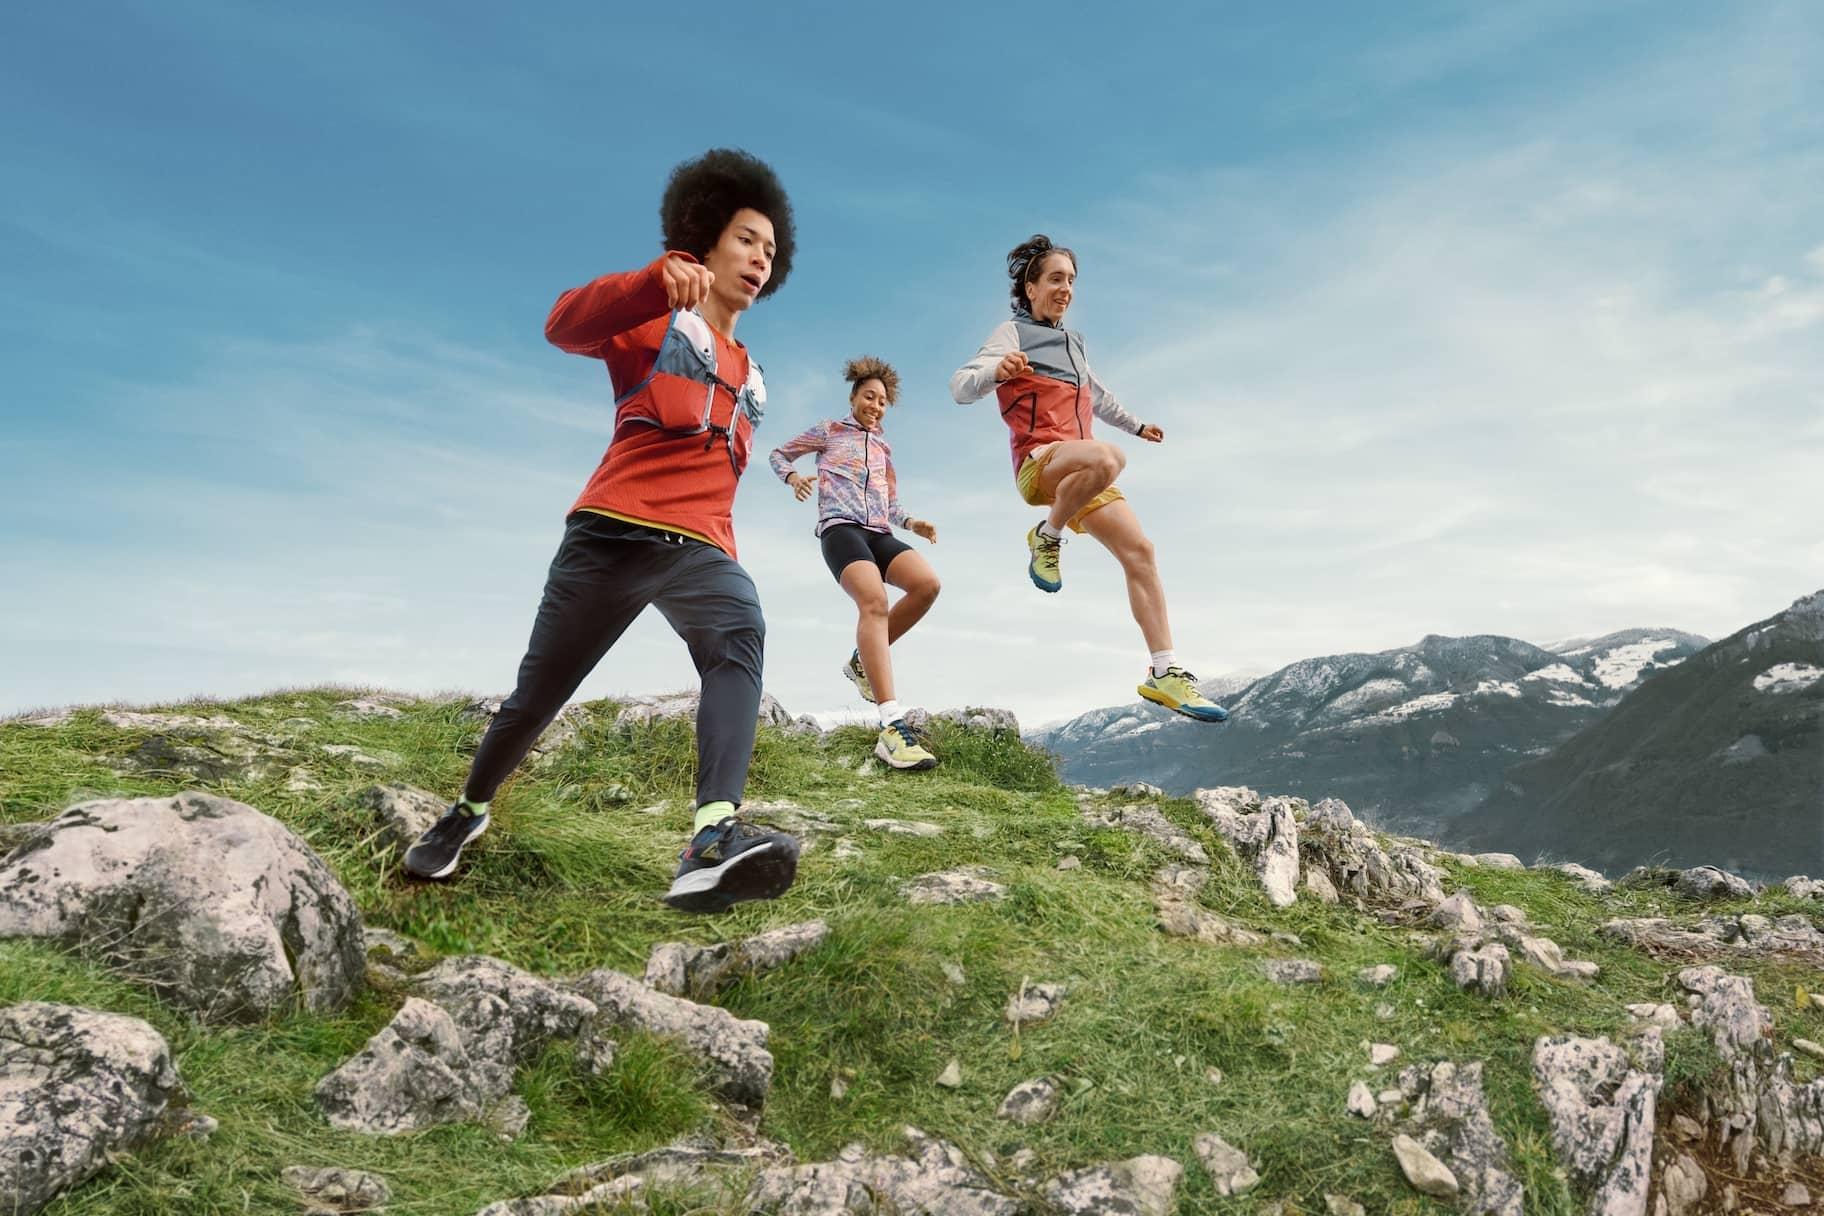 Correre sullo sterrato: l'importanza di scegliere le scarpe giuste per il trail running